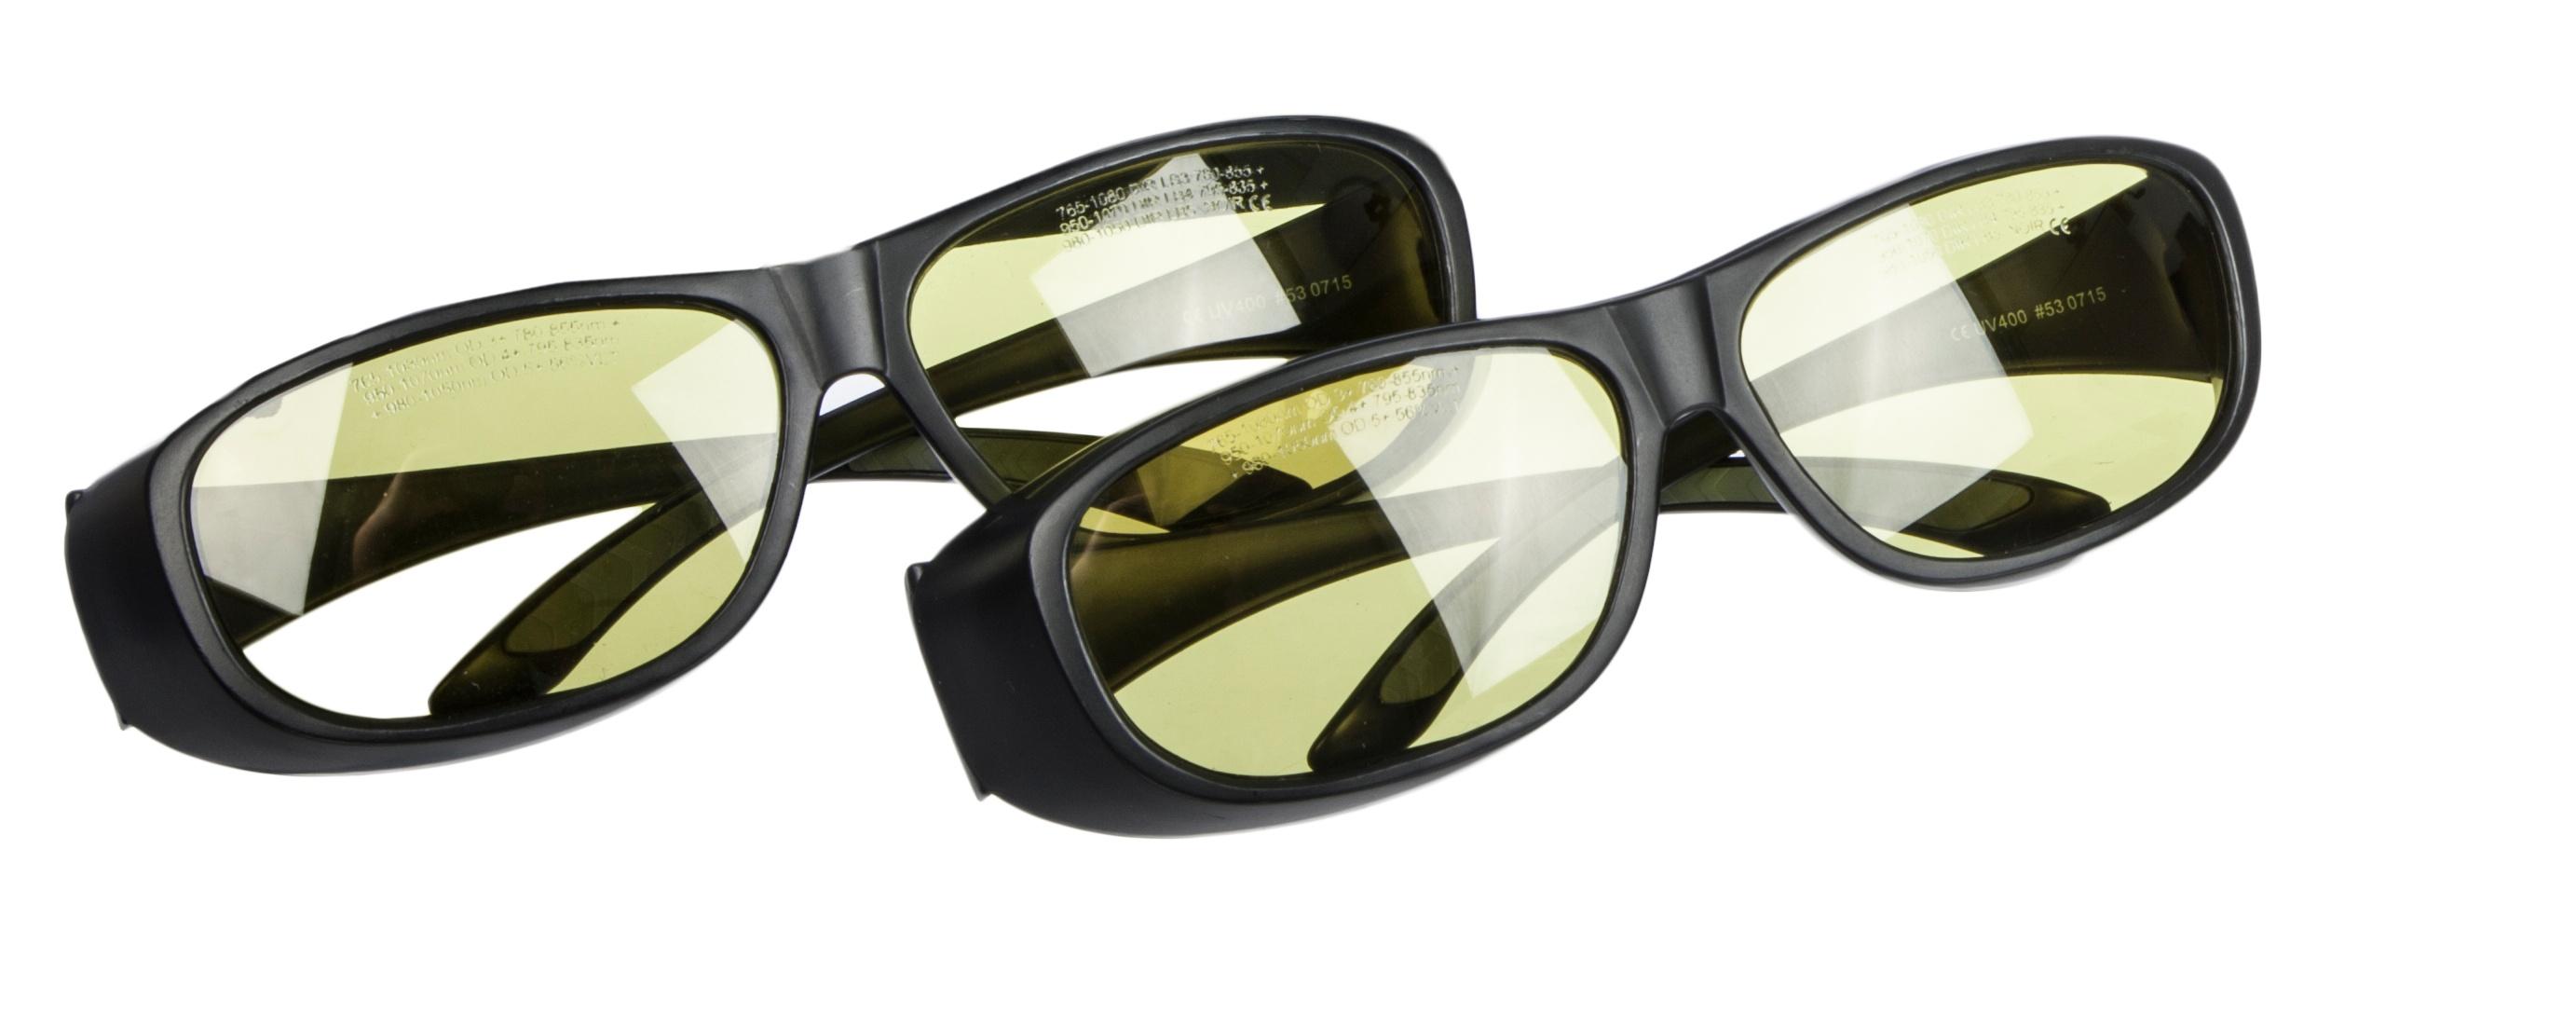 Gemini_Glasses.jpg